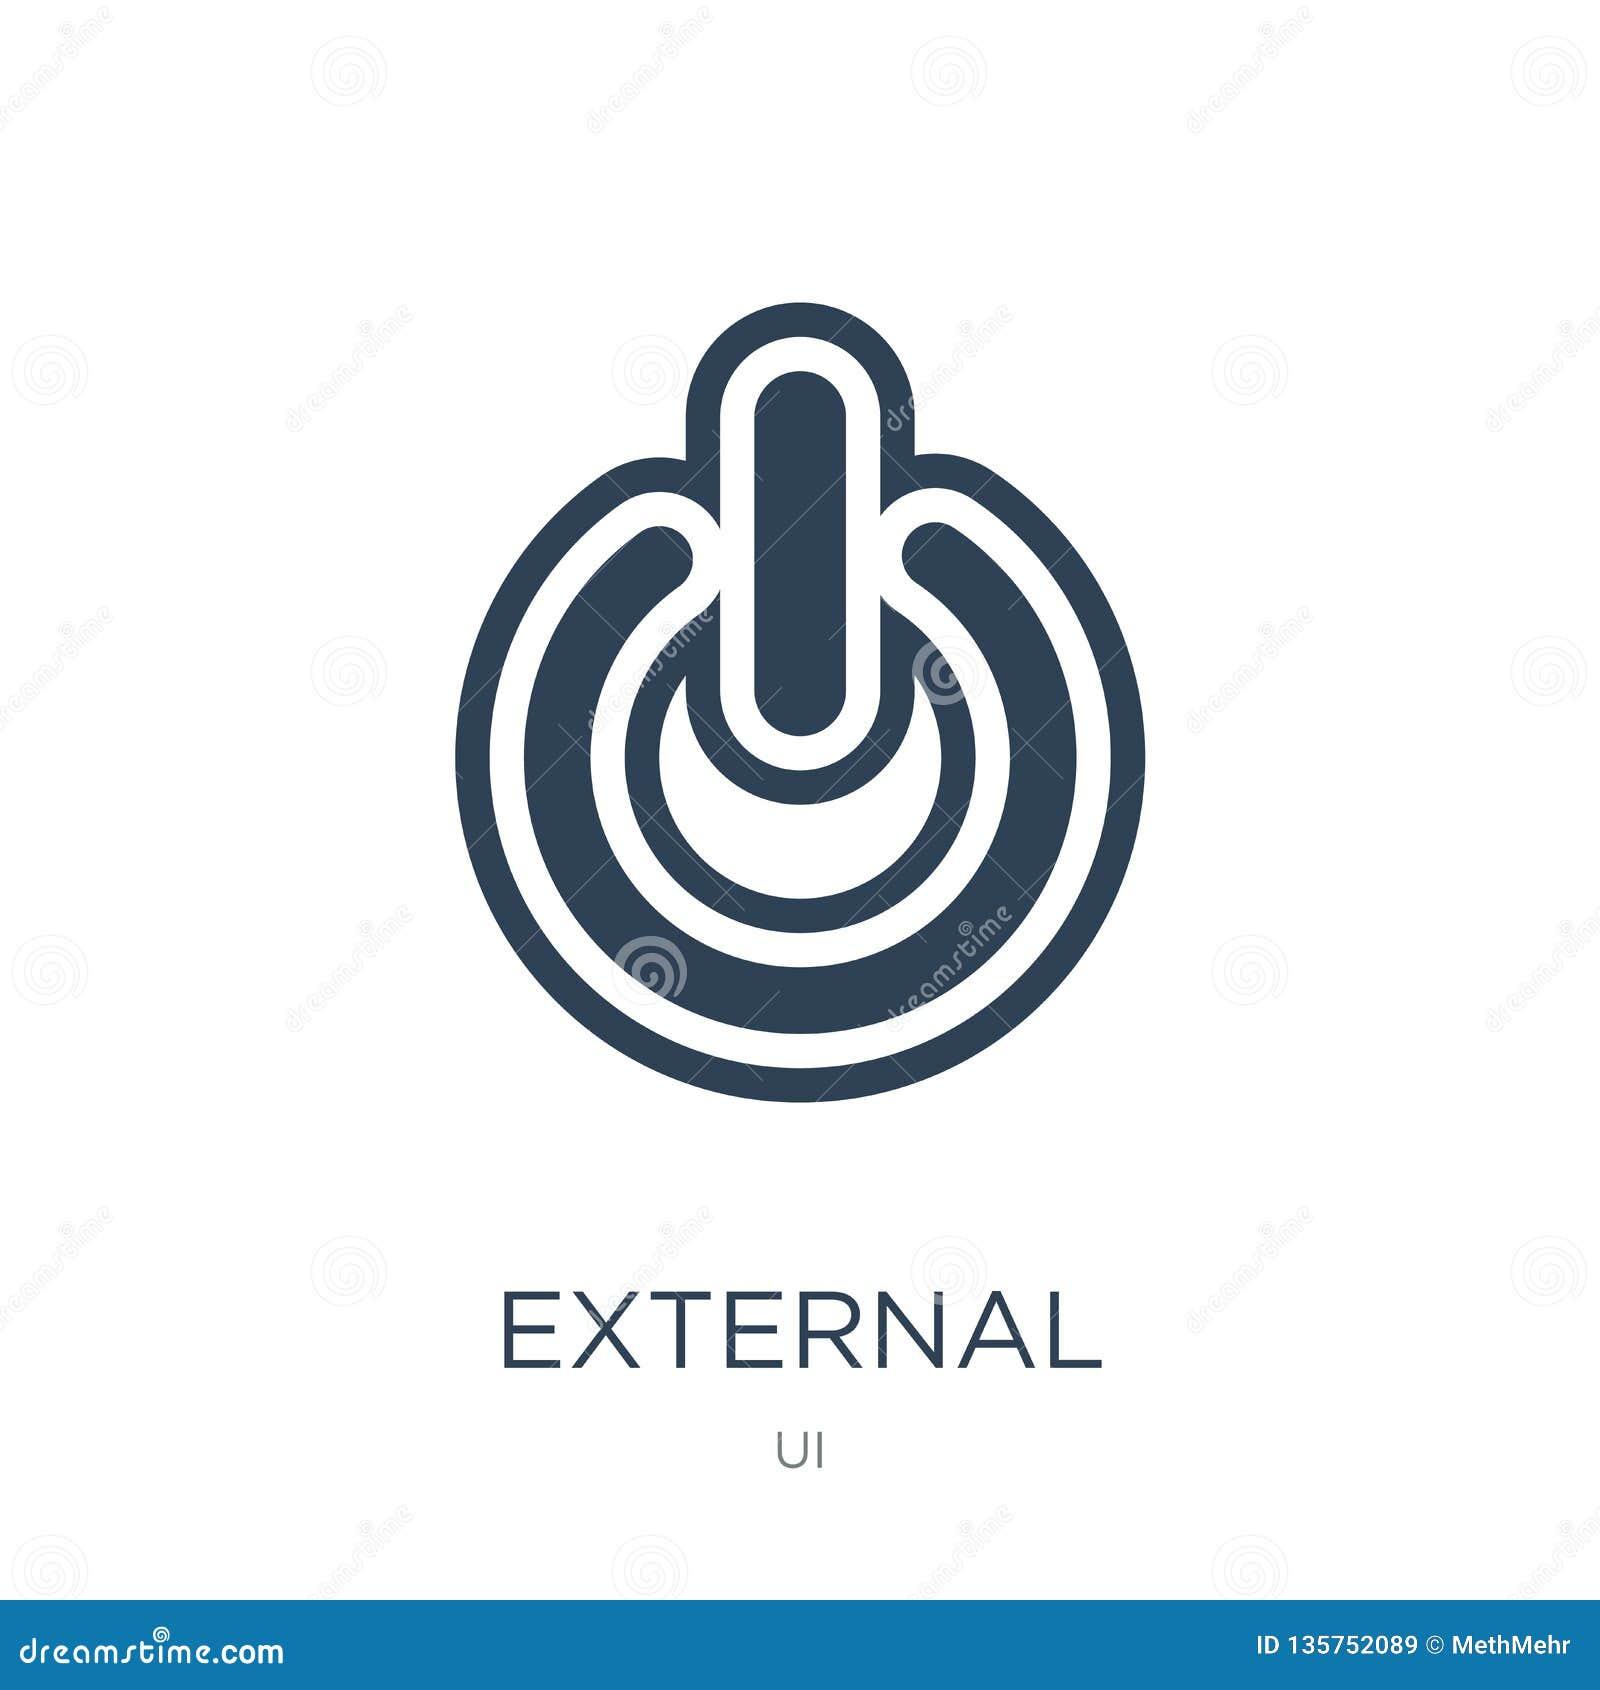 Icono externo en estilo de moda del diseño icono externo aislado en el fondo blanco plano simple y moderno del icono externo del